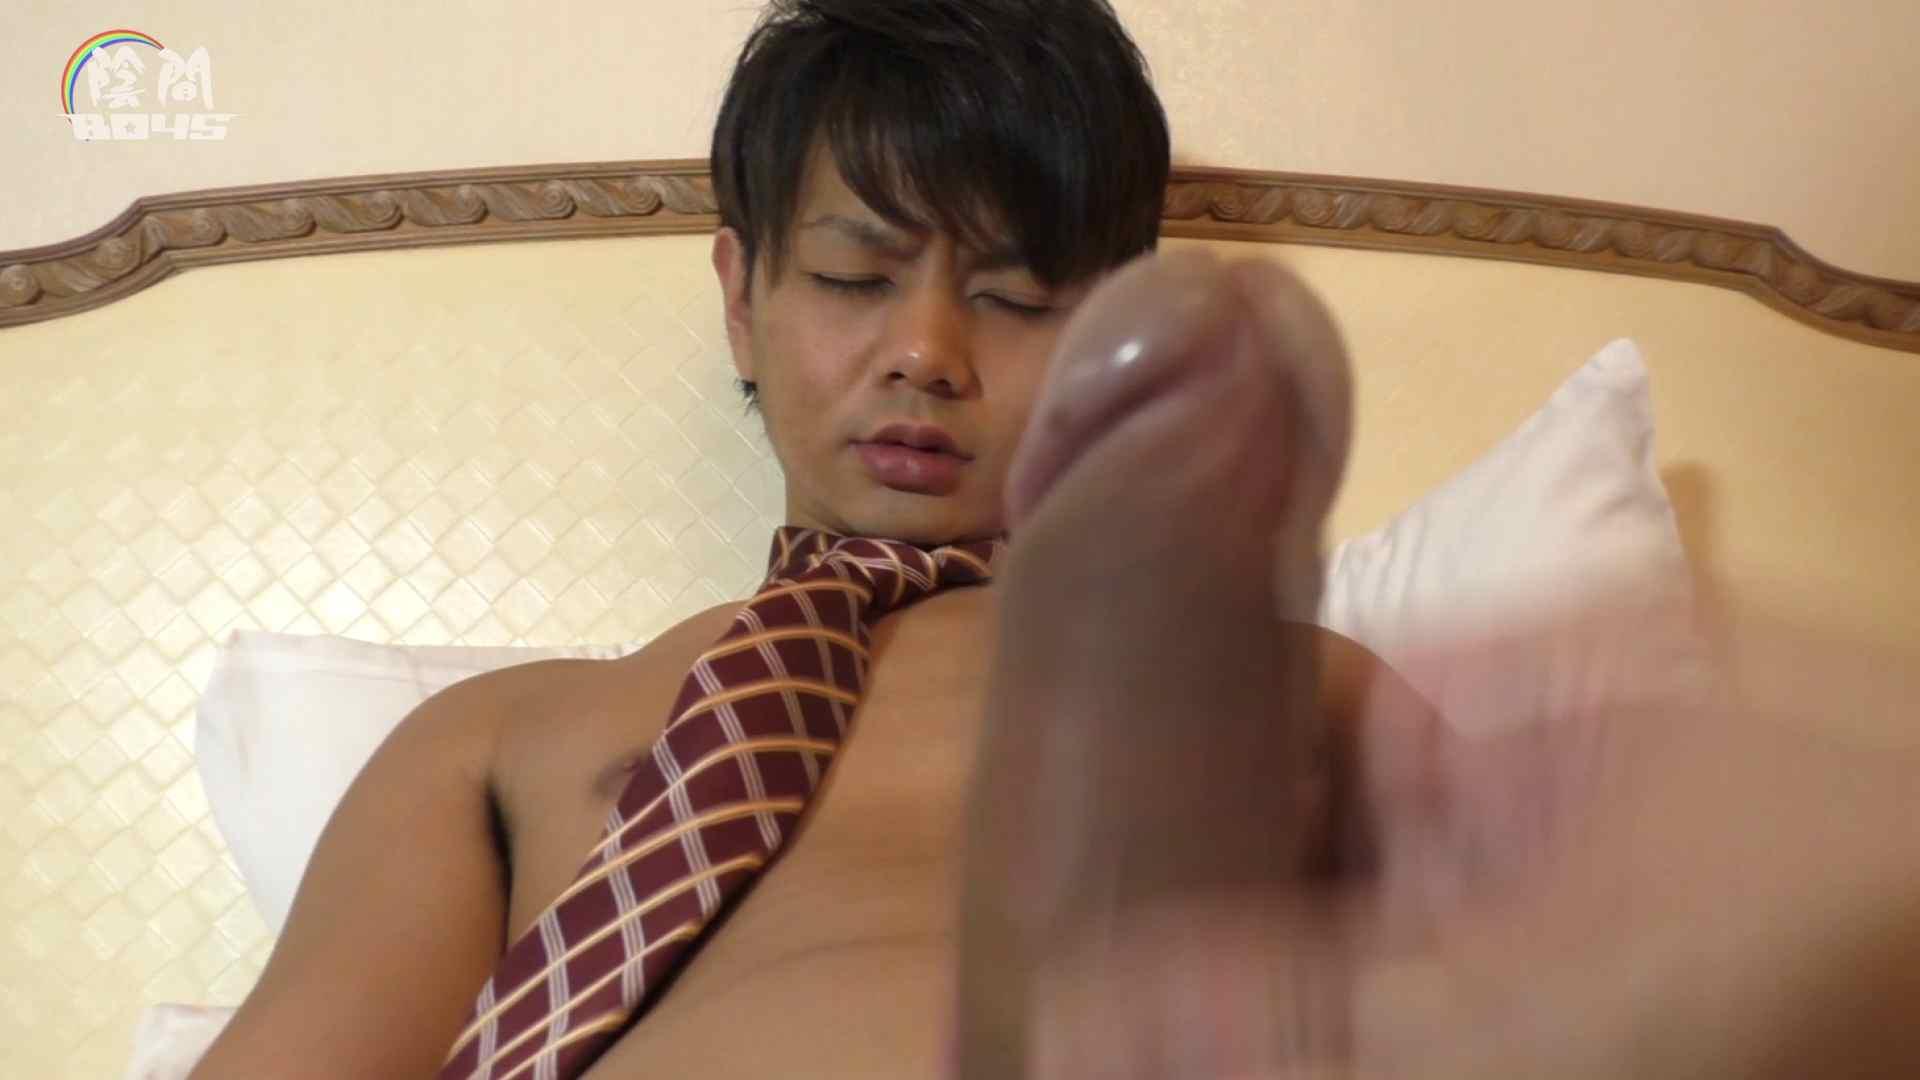 陰間BOYS~キャバクラの仕事はアナルから4 Vol.02 オナニー ゲイセックス画像 105枚 94